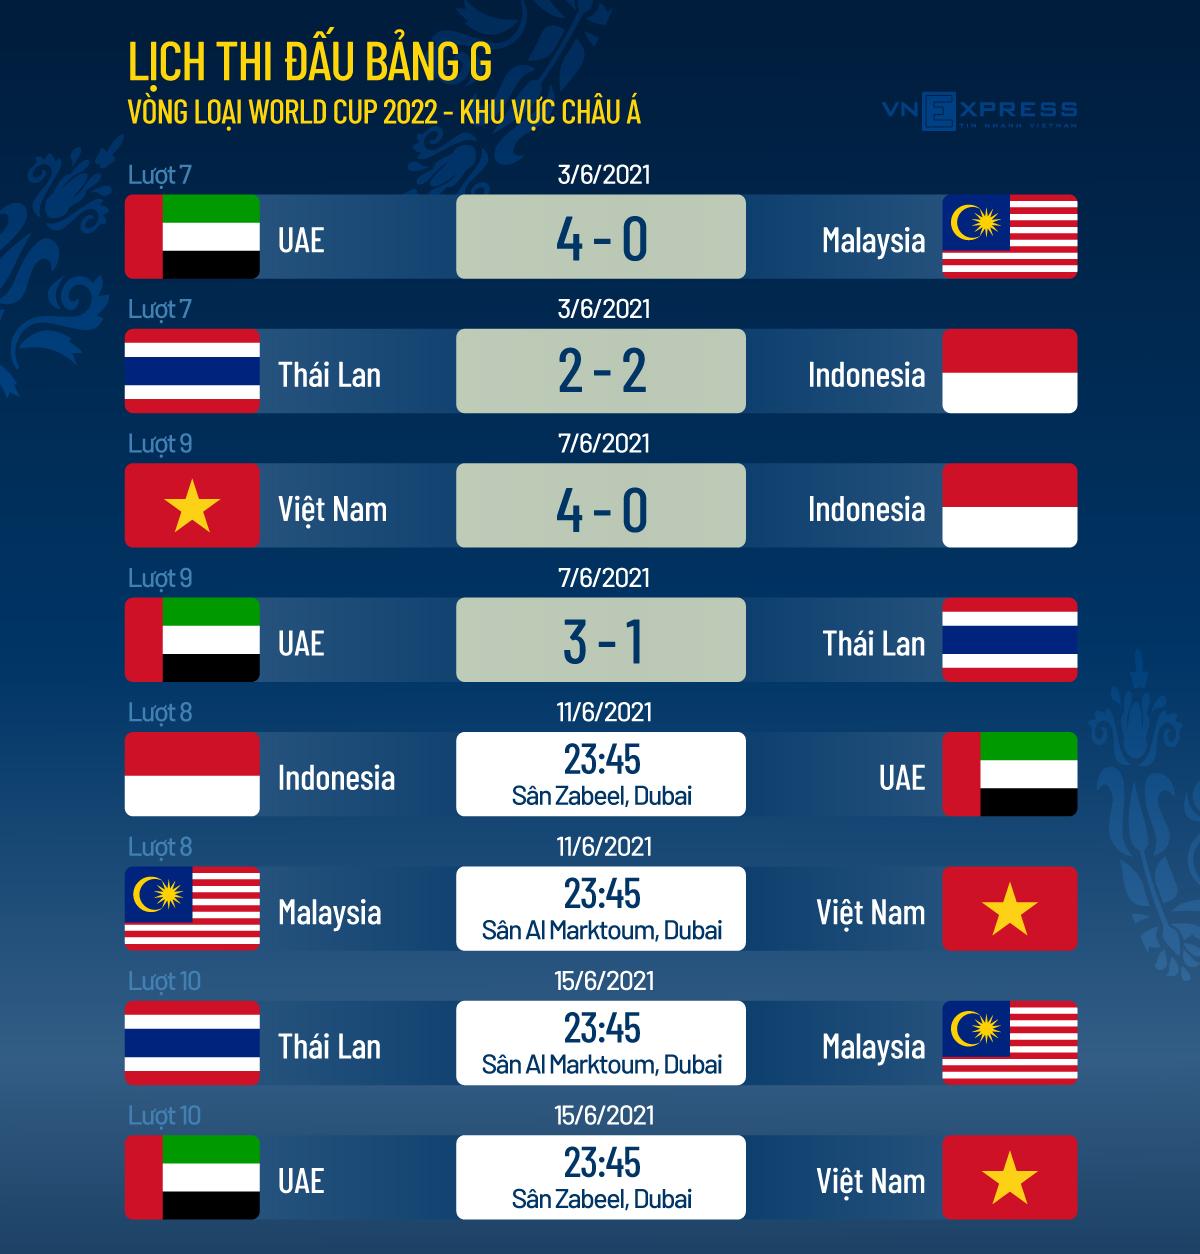 Huyền thoại Malaysia: 'Đừng sợ Việt Nam' - 2